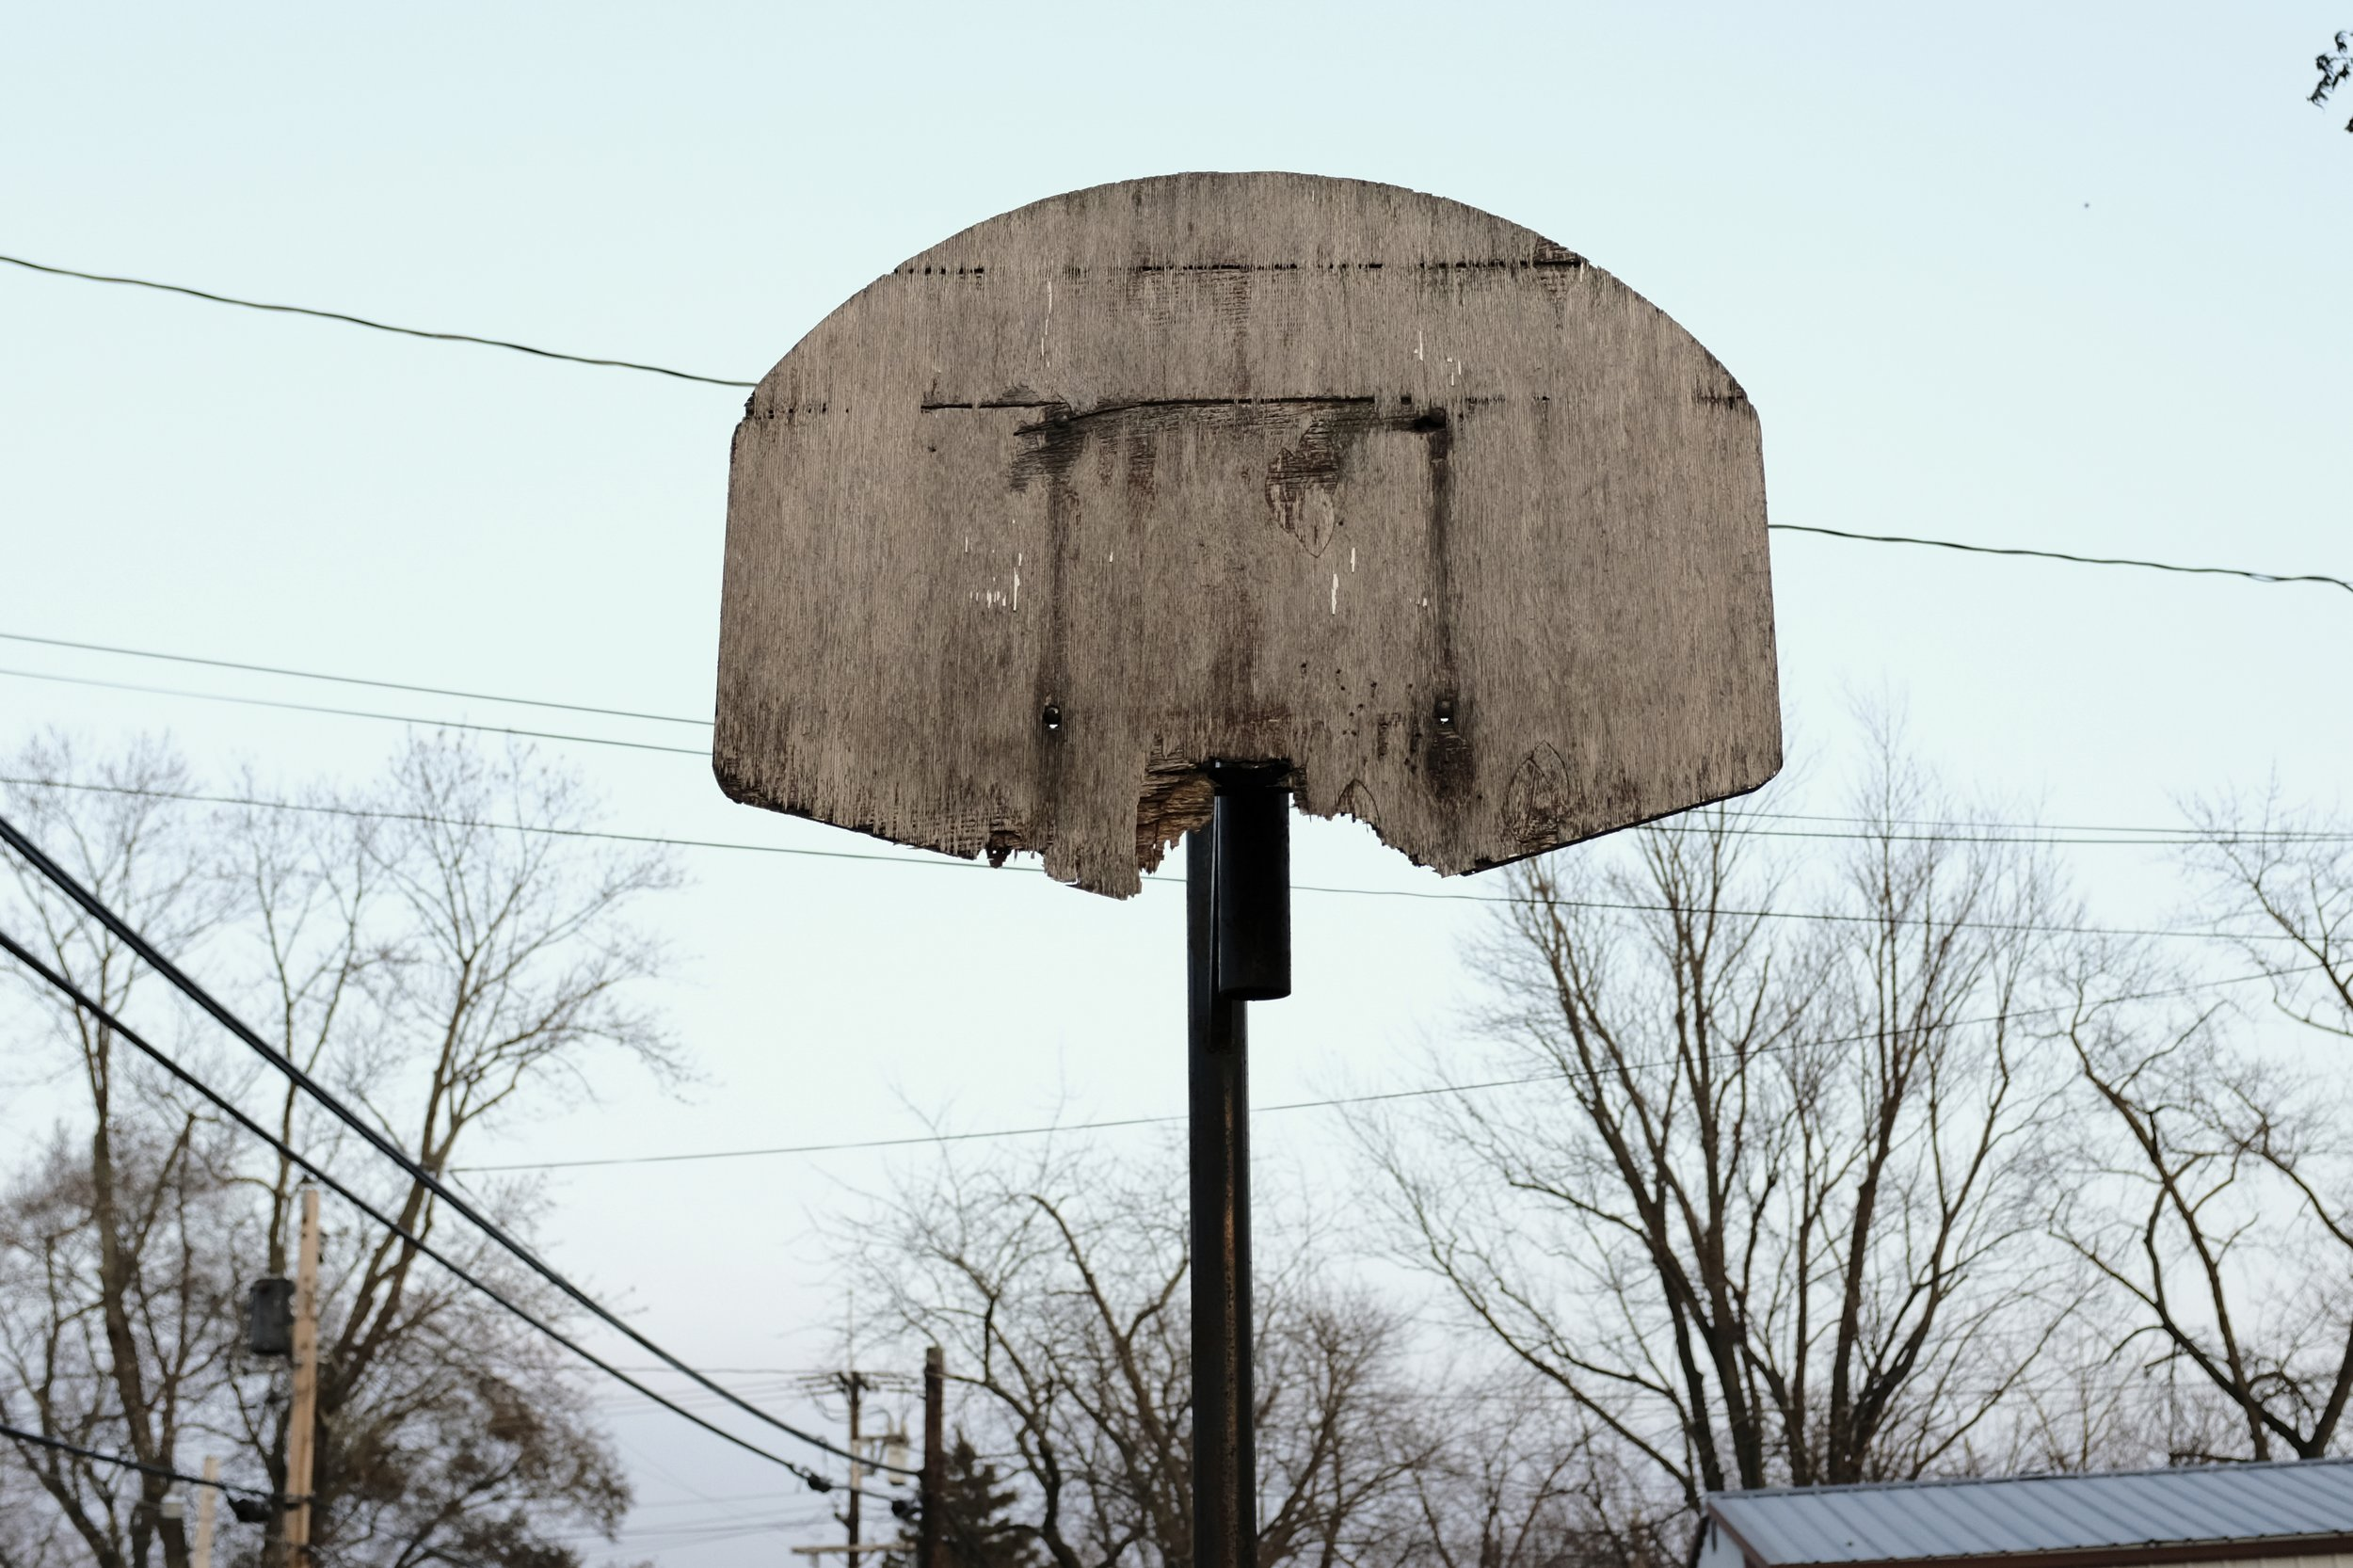 His hoop.